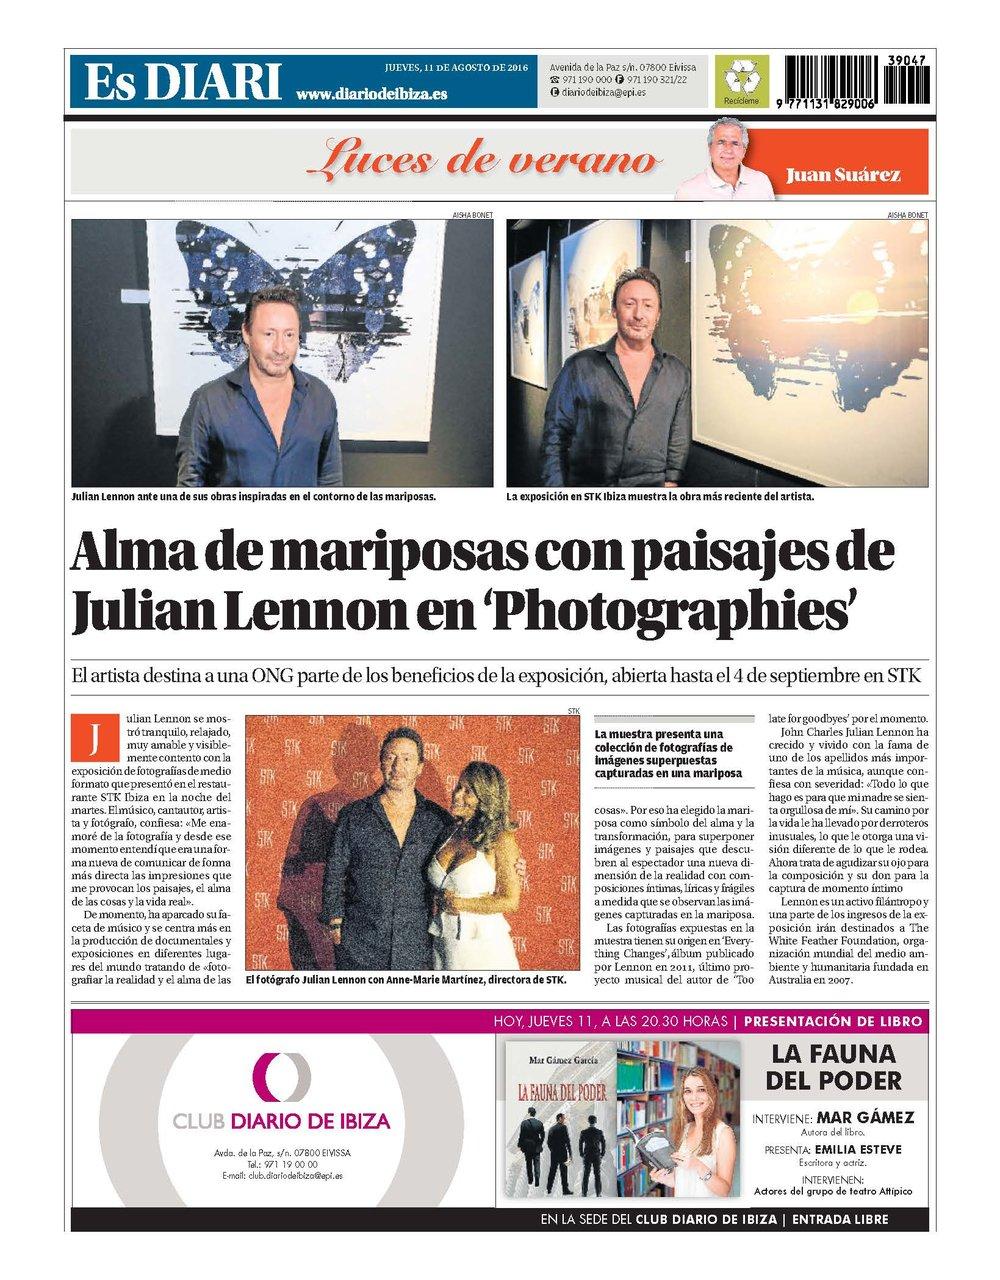 Julian Lennon .jpg